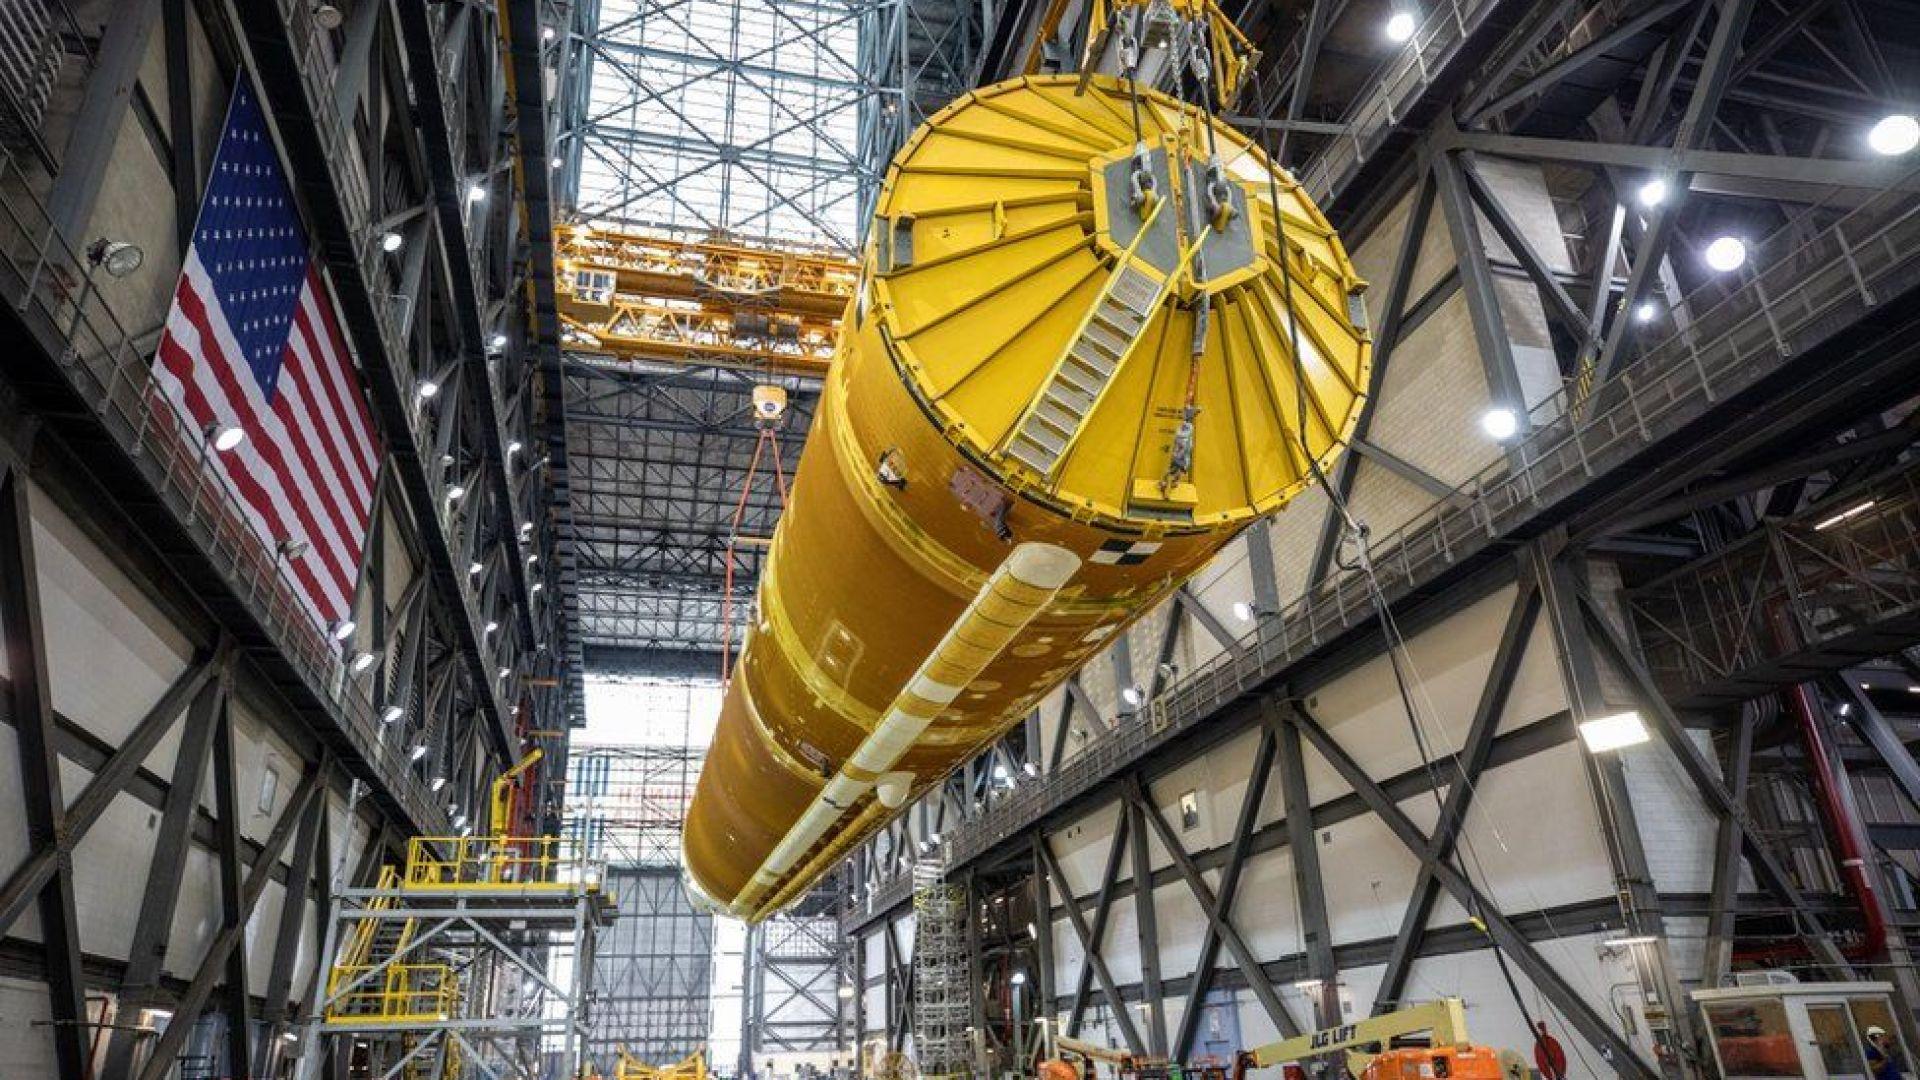 НАСА сглоби първата ракета за пилотираните мисии до Луната (снимки и видео)